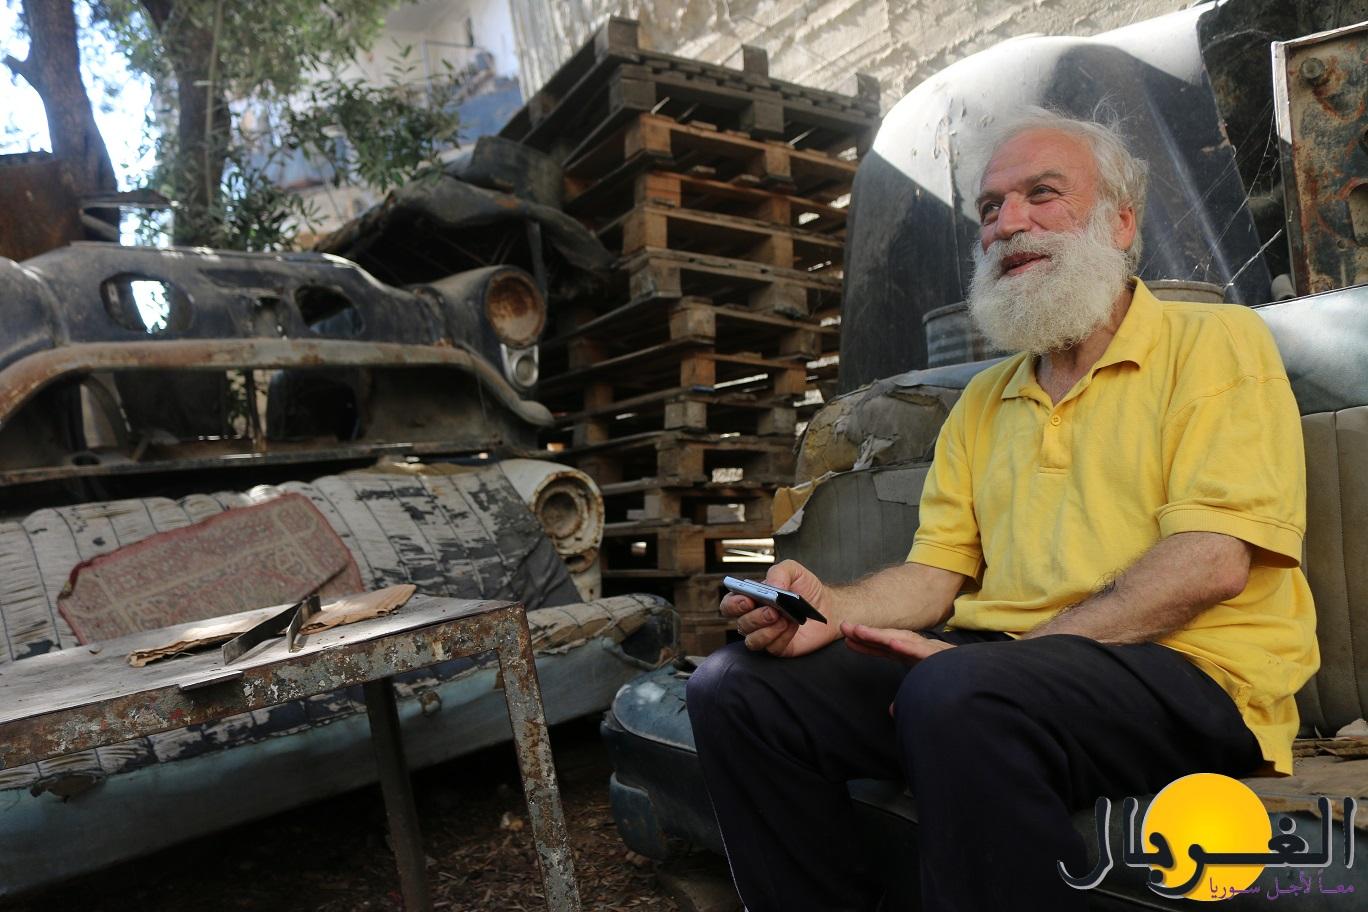 يسعد أبو عمر بالجلوس بين أكوام الخردة الخاصة به